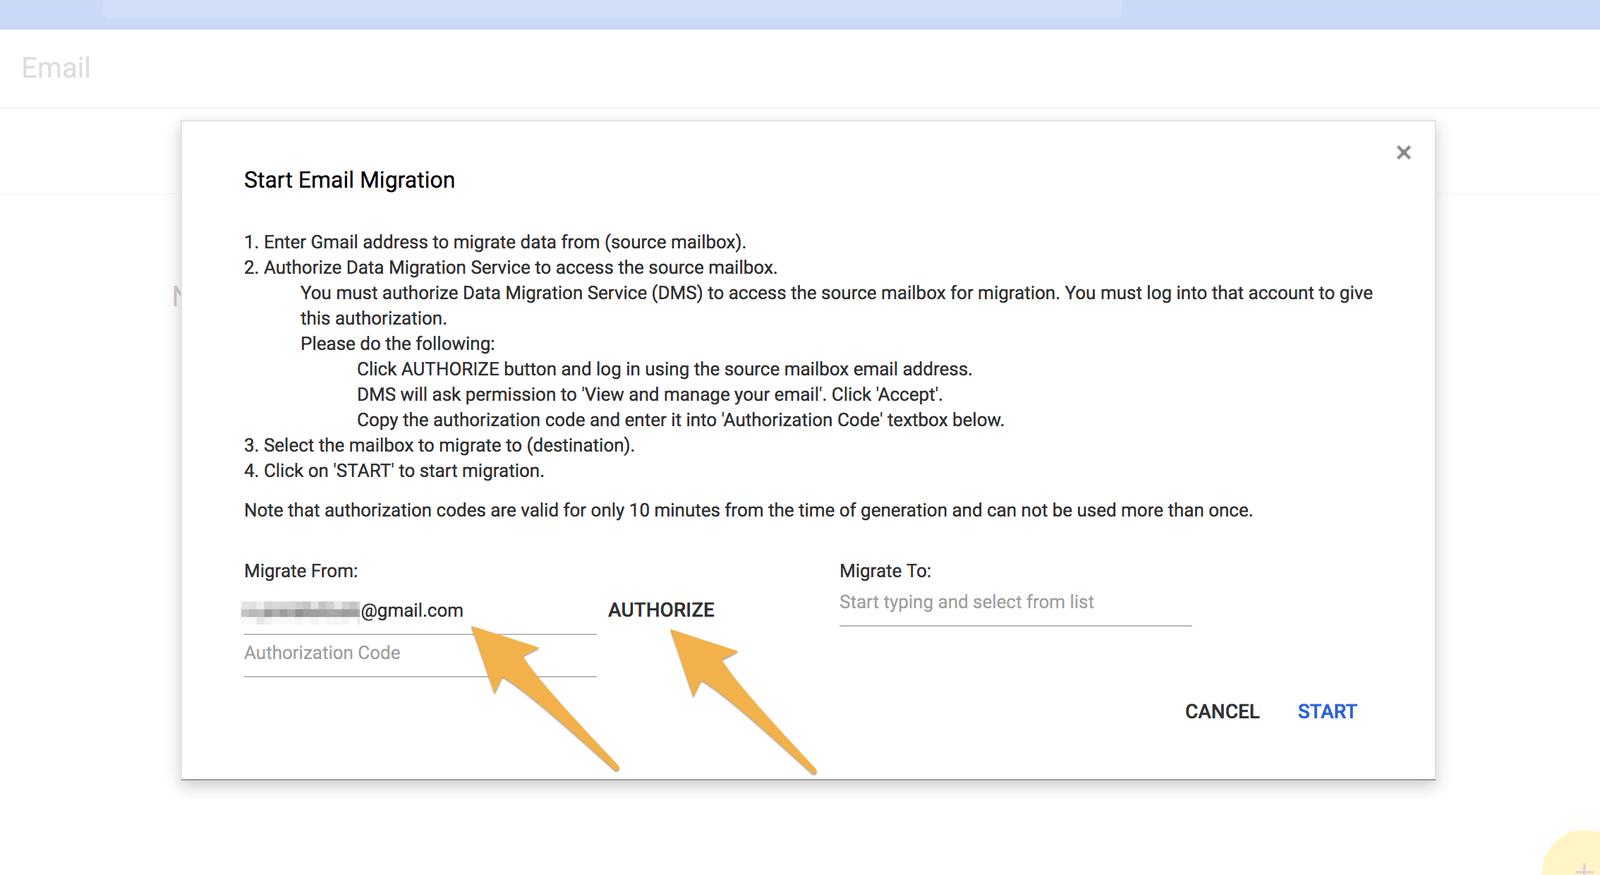 移行元のGmailアドレスを入力してAUTHORIZEをクリック